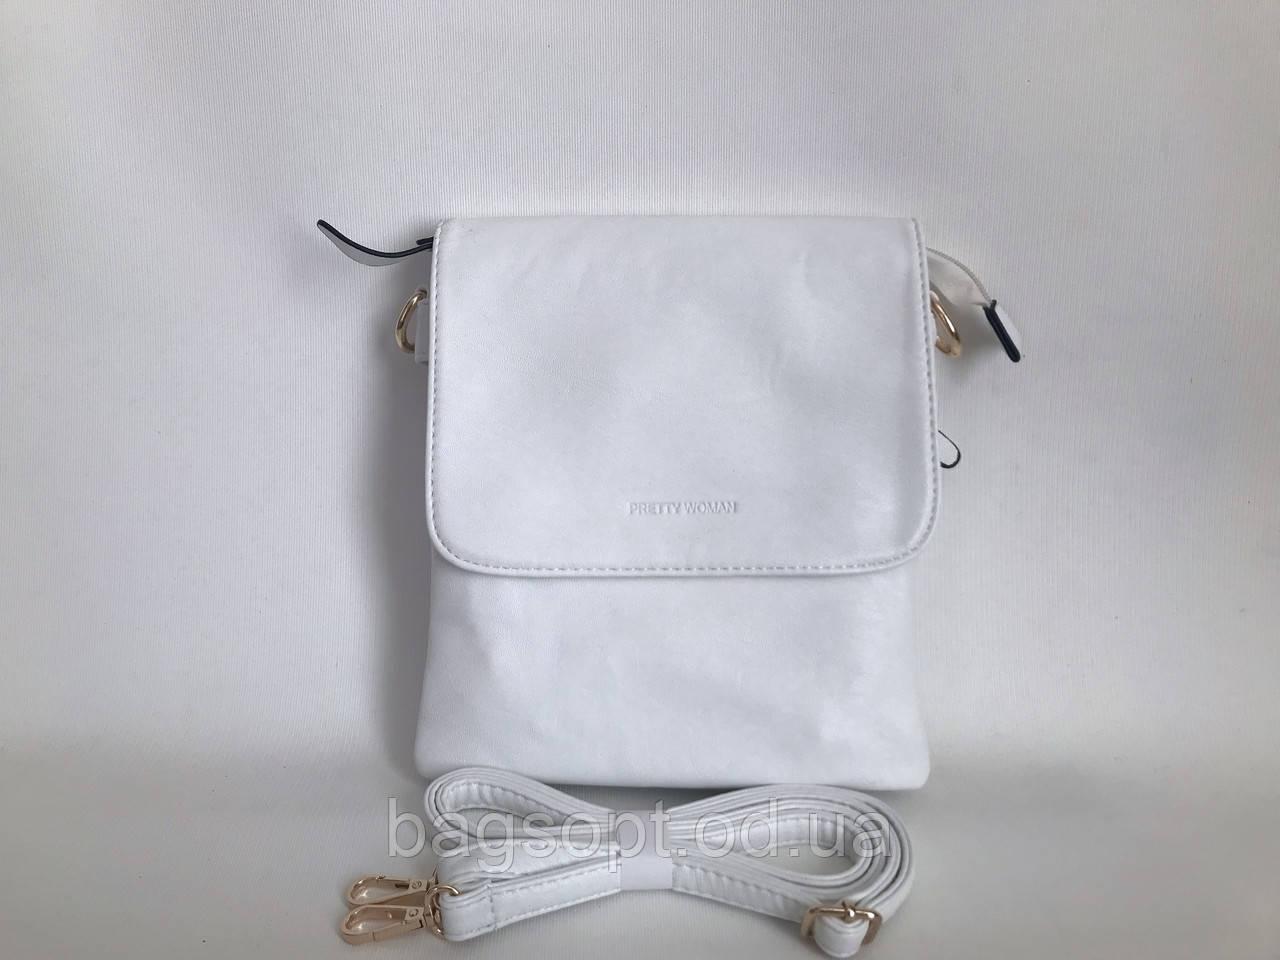 Белая женская сумка планшет через плечо на весну-лето Pretty woman Одесса 7 км